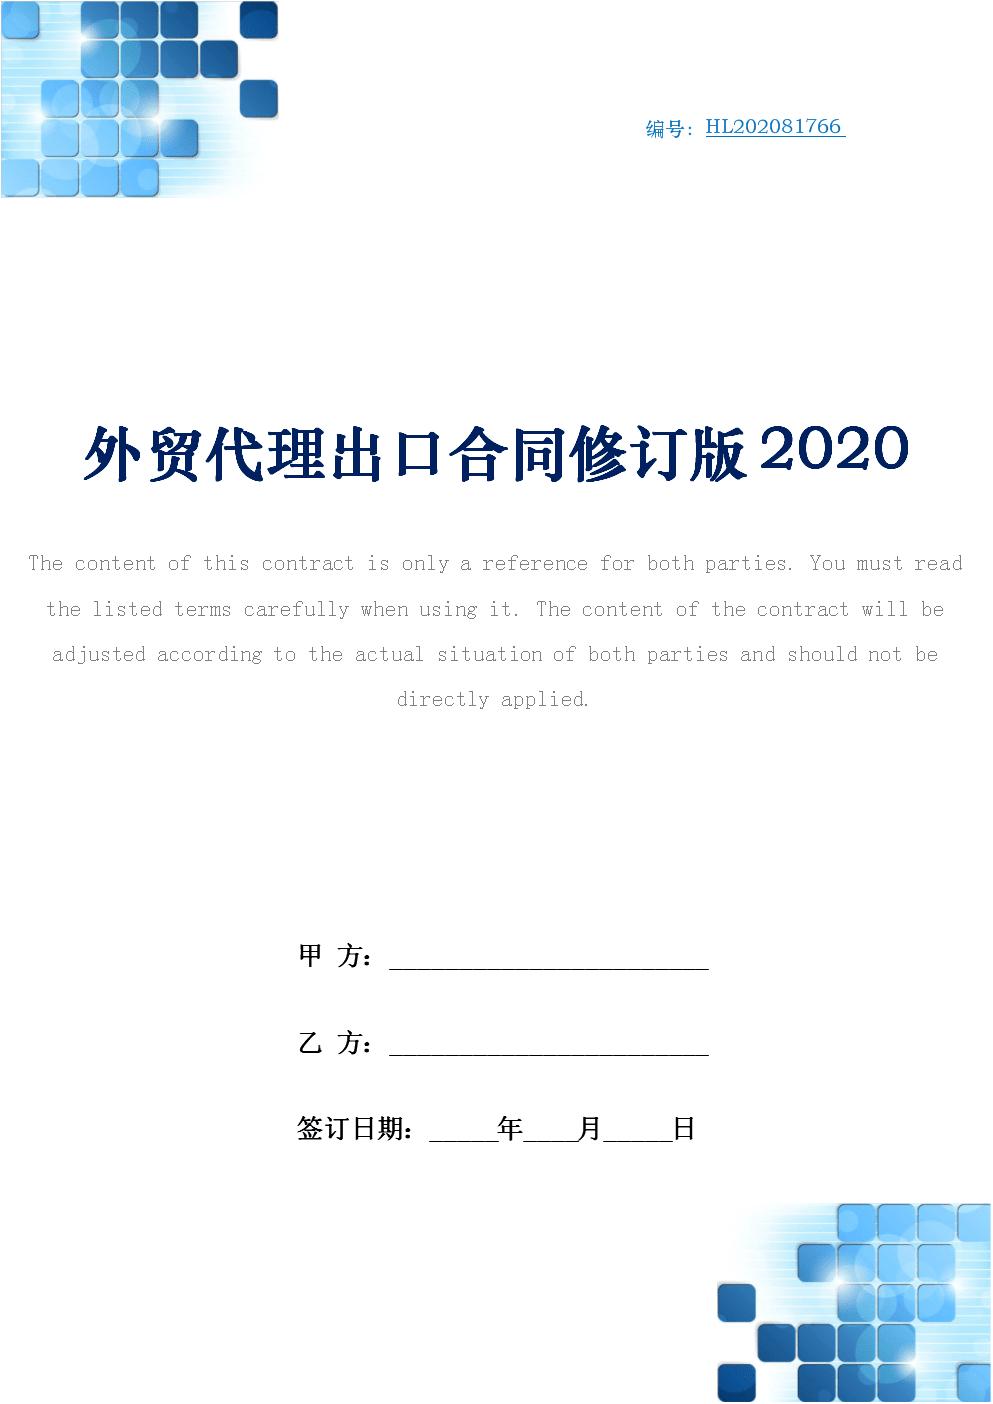 外贸代理出口合同修订版2020.docx